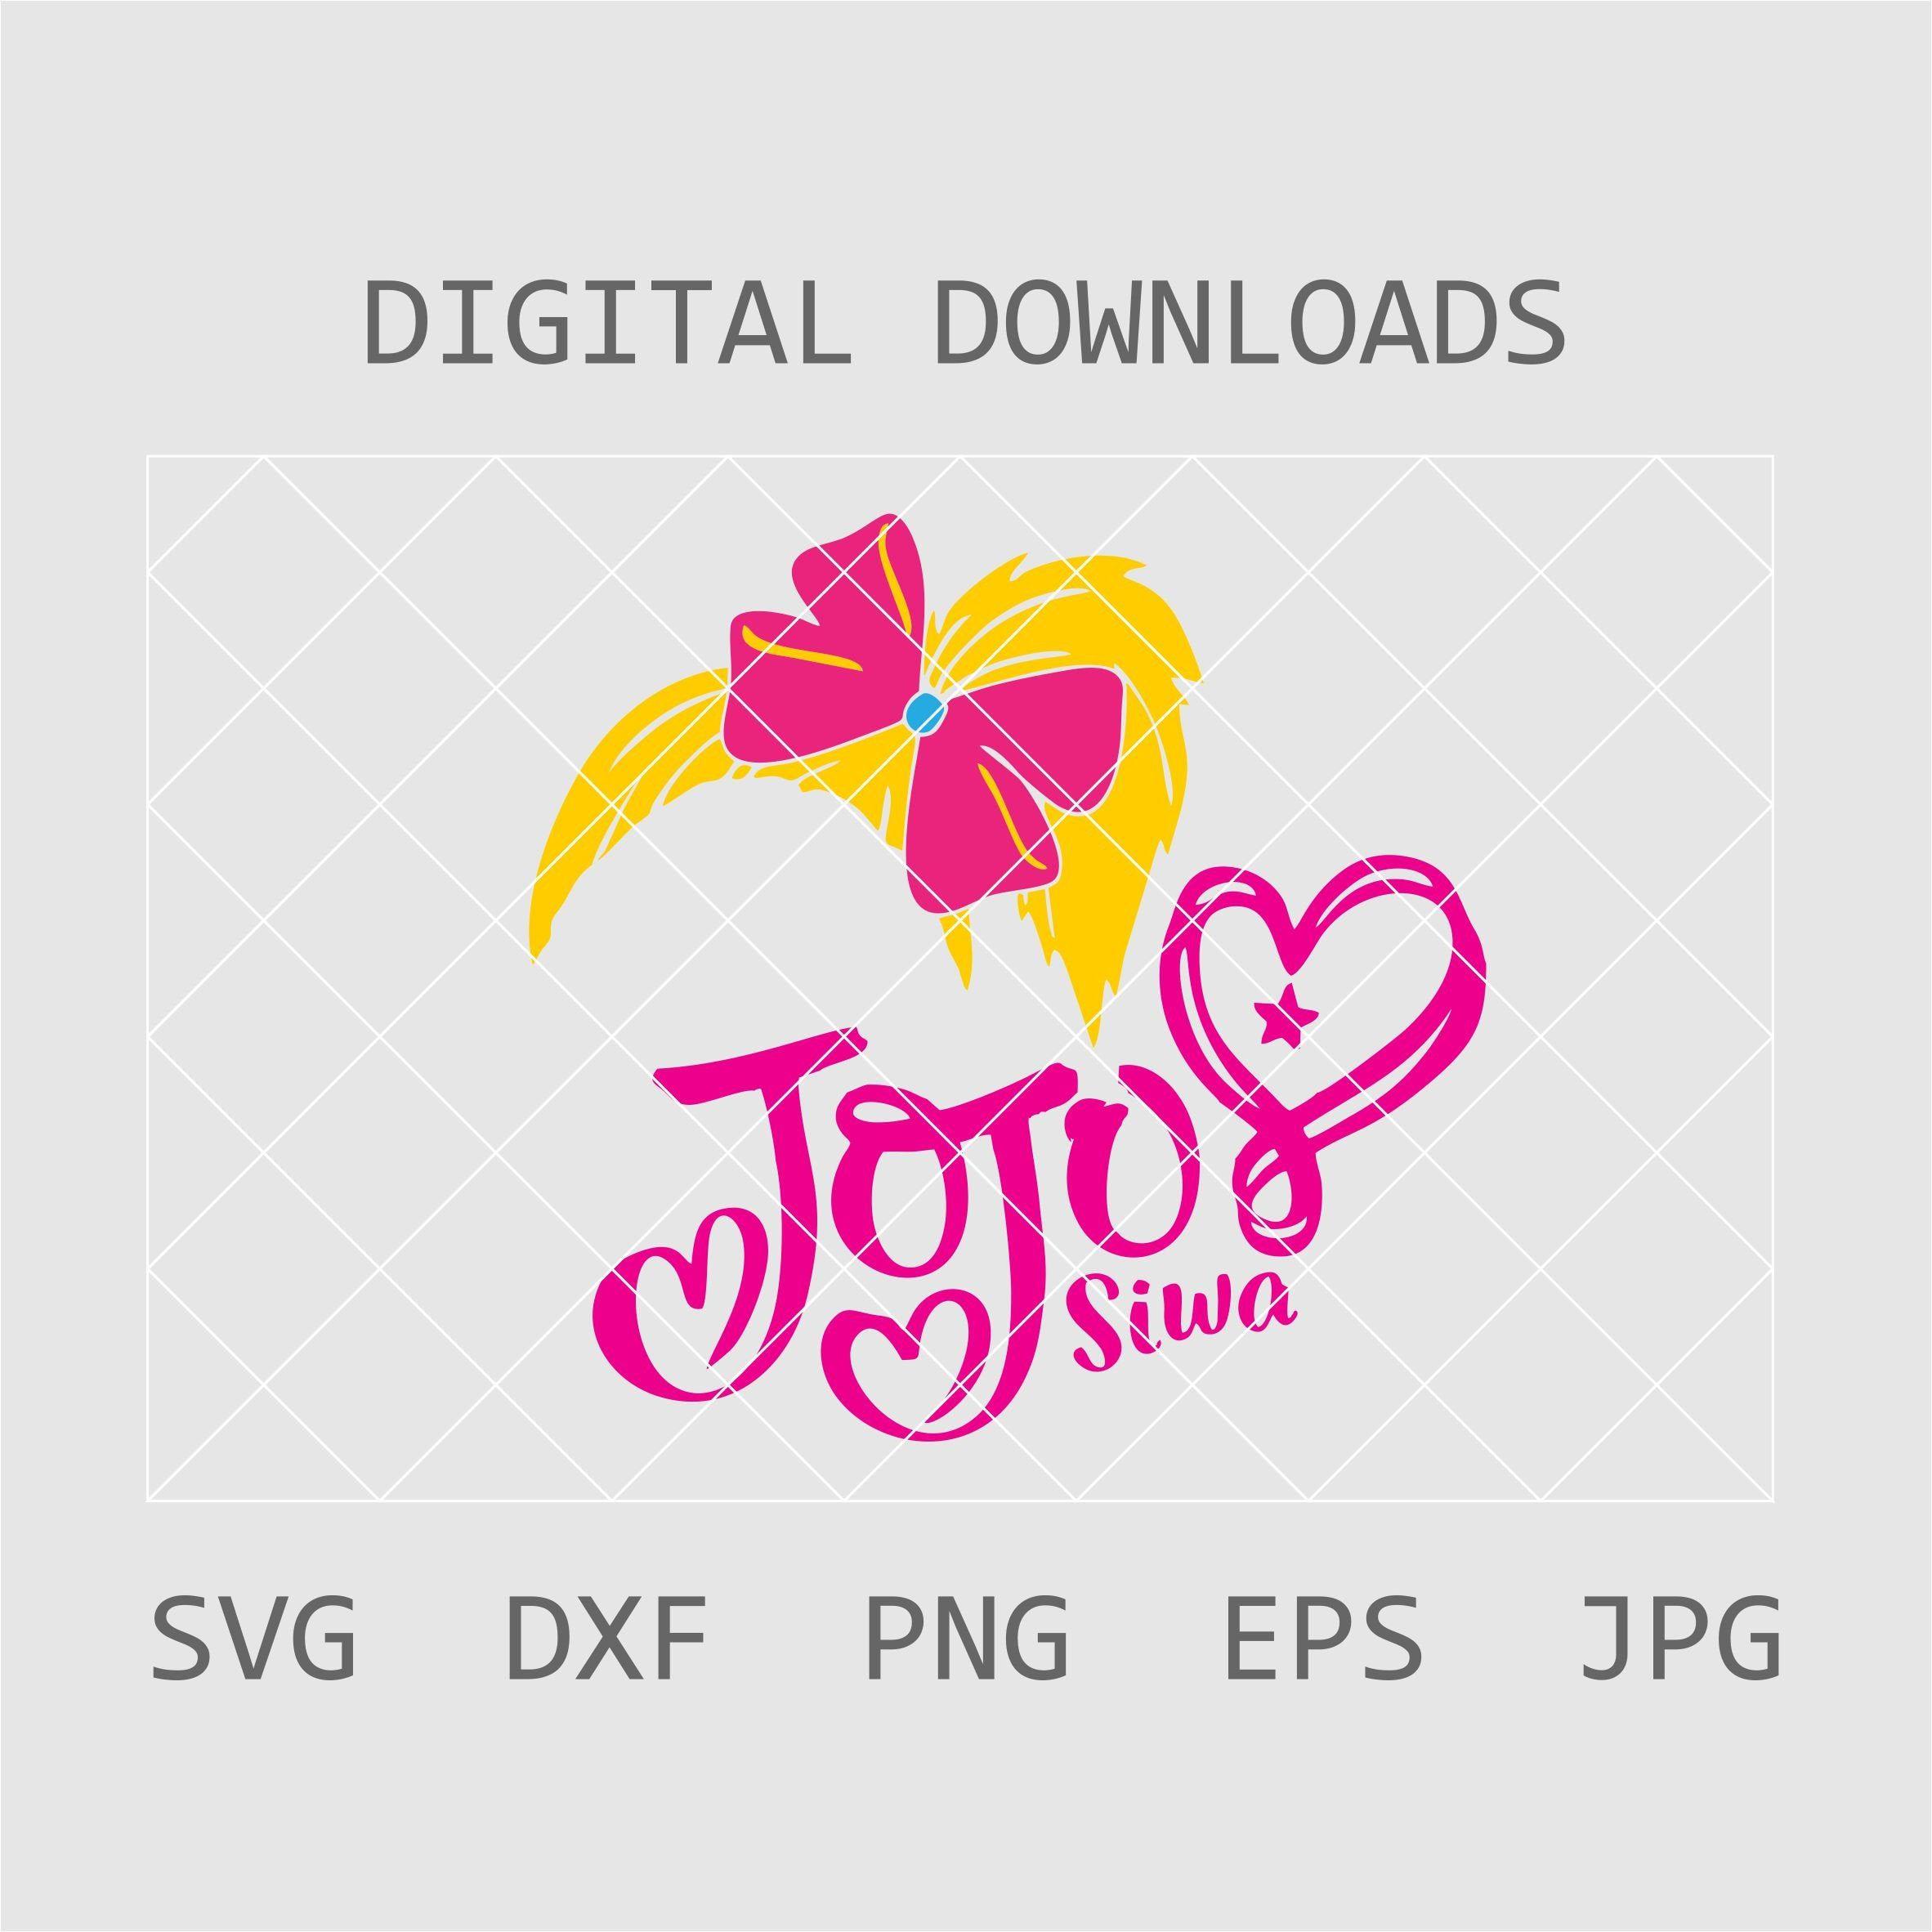 Jojo Siwa Logo Jojo Siwa Squad Svg Jojo Siwa Logo Svg Jojo Siwa Svg Jojo Siwa T Shirt Svg J Tshirt Crafts Svg Jojo Siwa